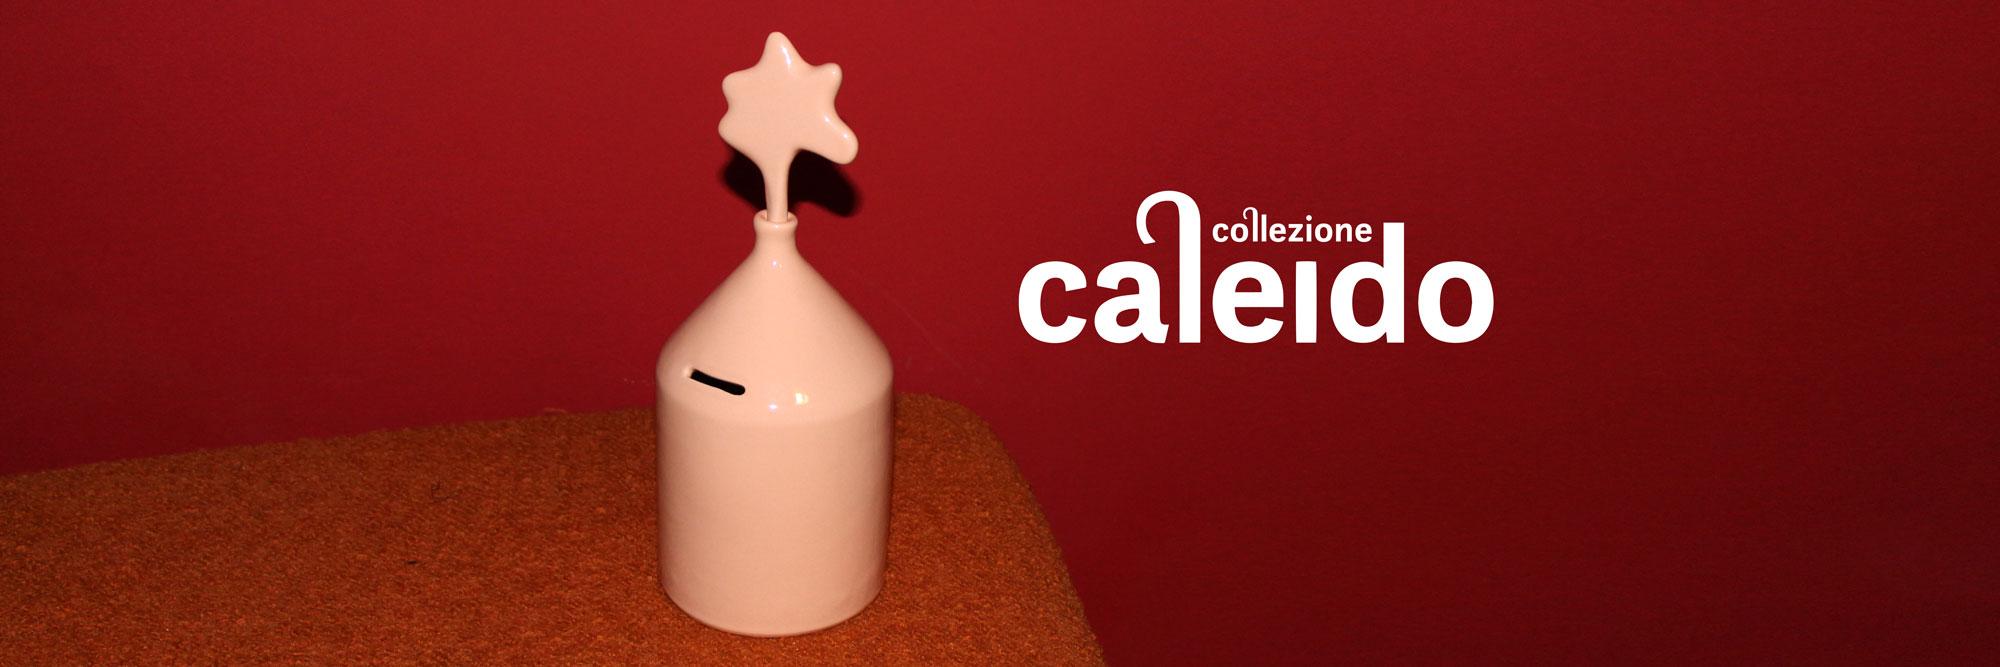 collezione-caleido